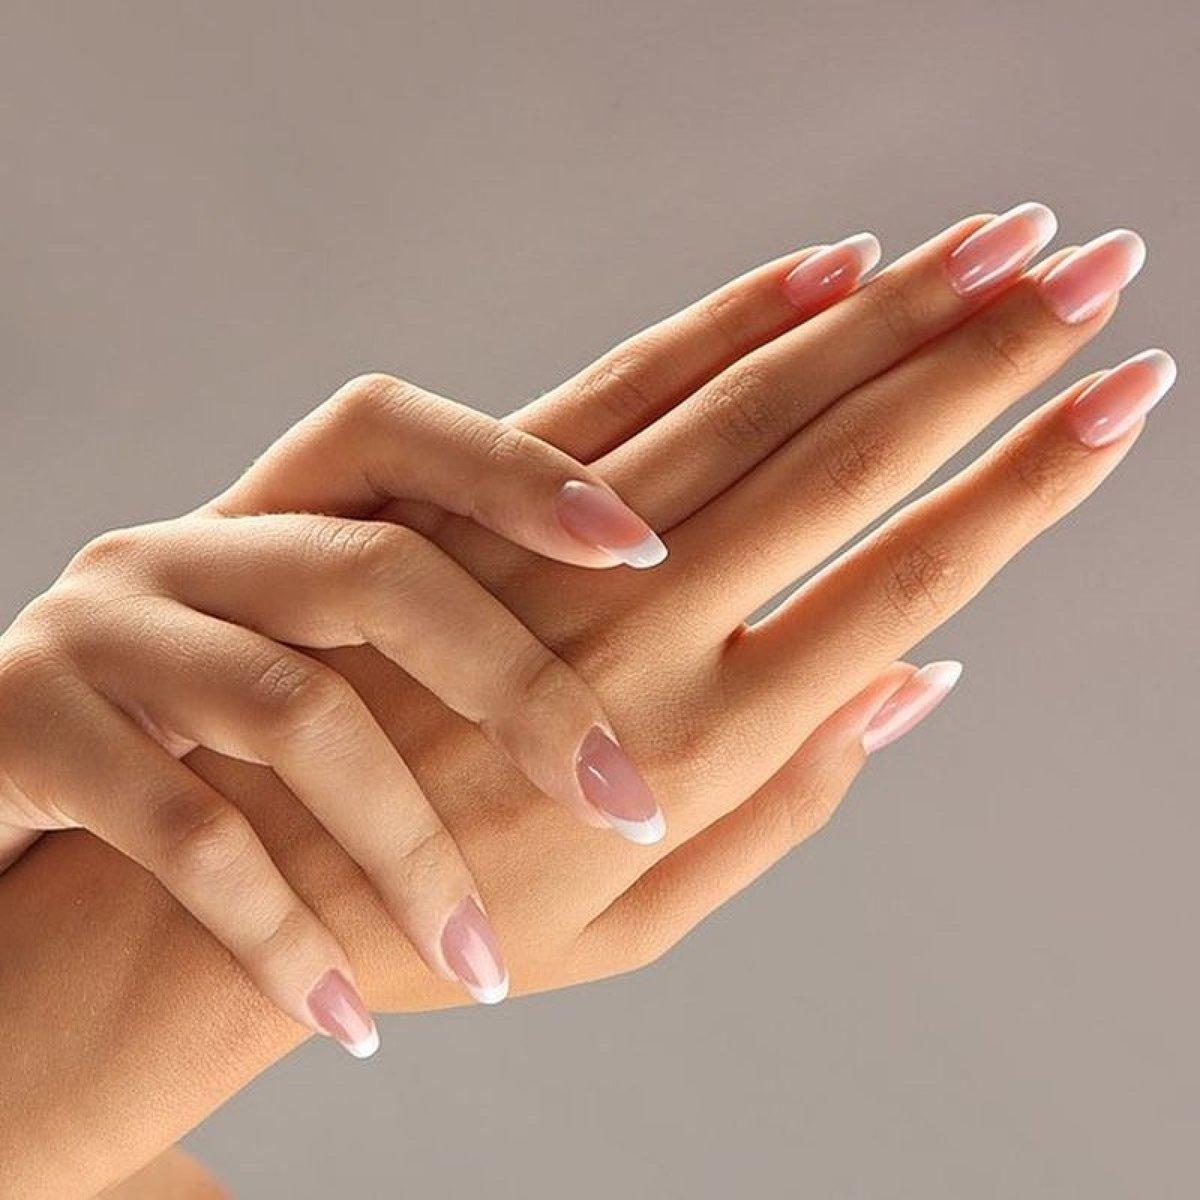 кальсоны бывают женские руки видео онлайн плачите